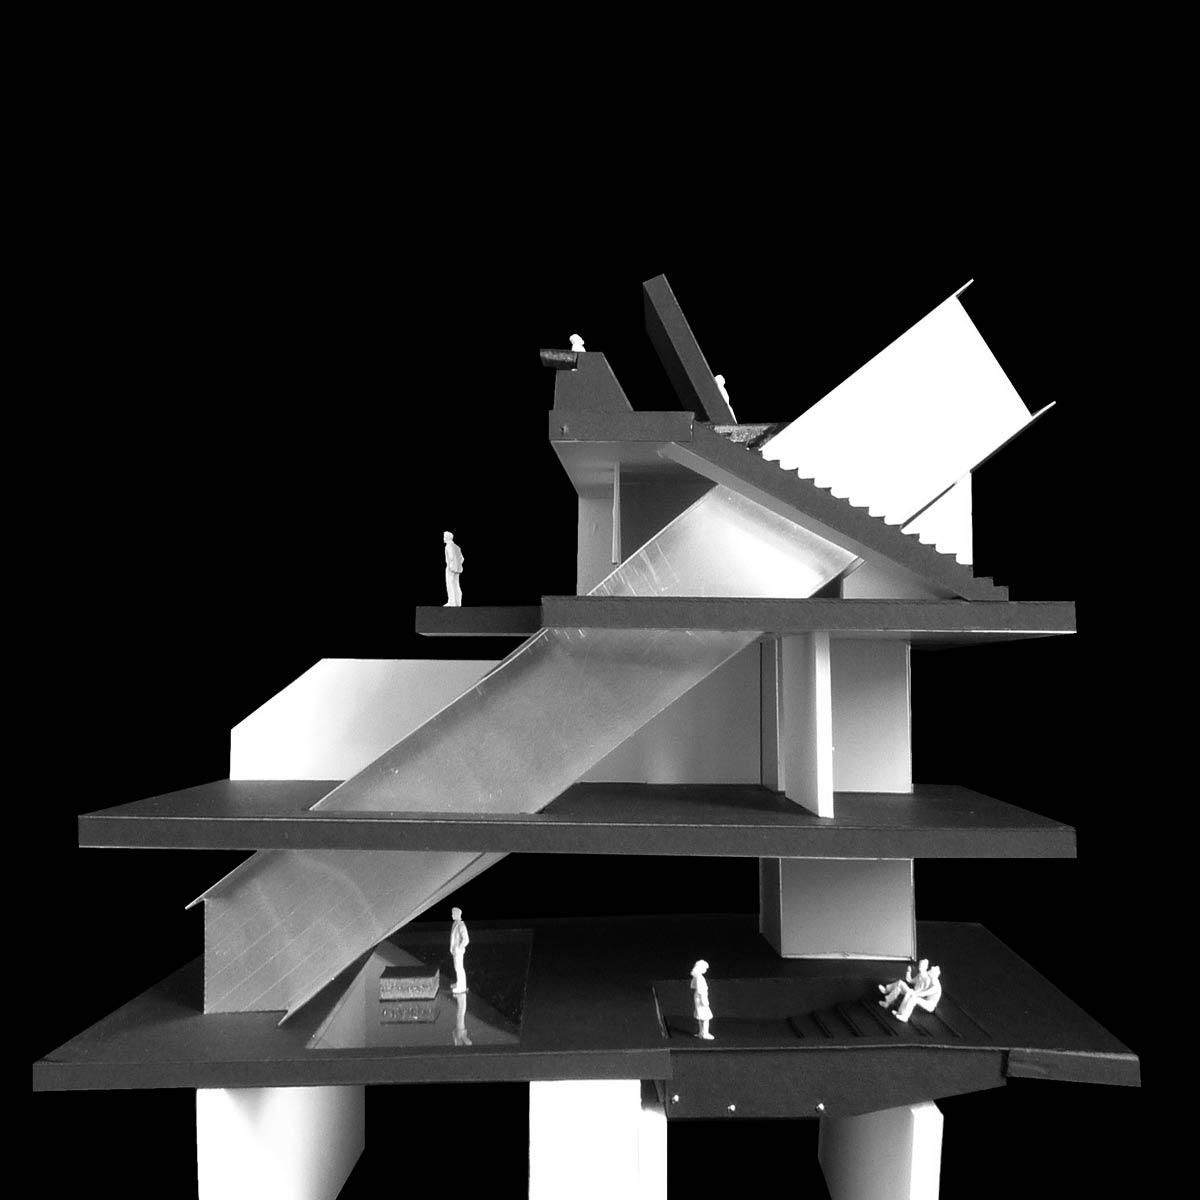 041_03_maquette-06